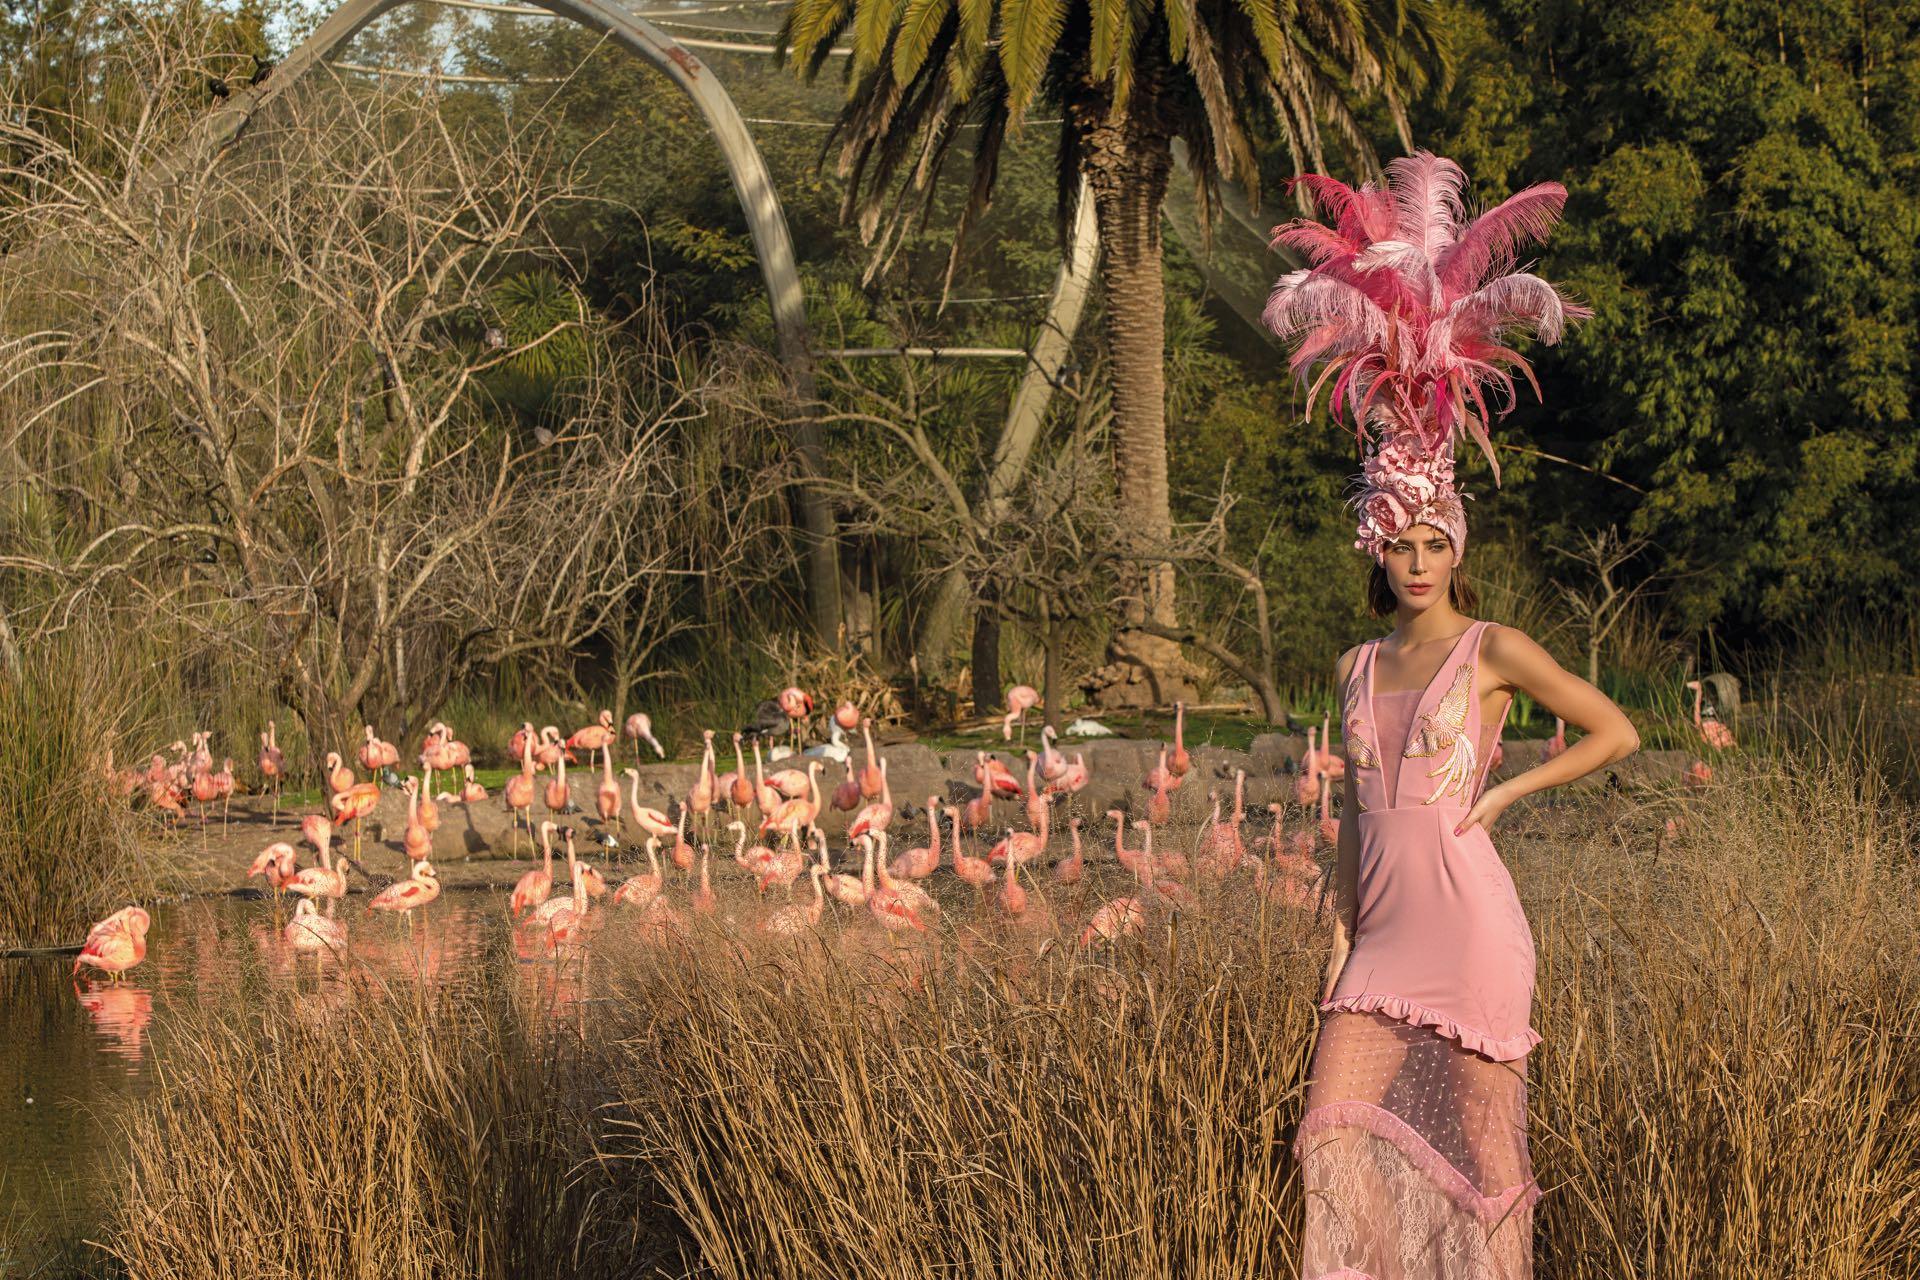 Vestido de crepé elastizado con pechera bordada ($ 23.000, China by Natalia Antolin) y tocado hecho a mano con flores y plumas artificiales (Fabi Pojatti).(Fot0: Fernando Venegas/ Para Ti)